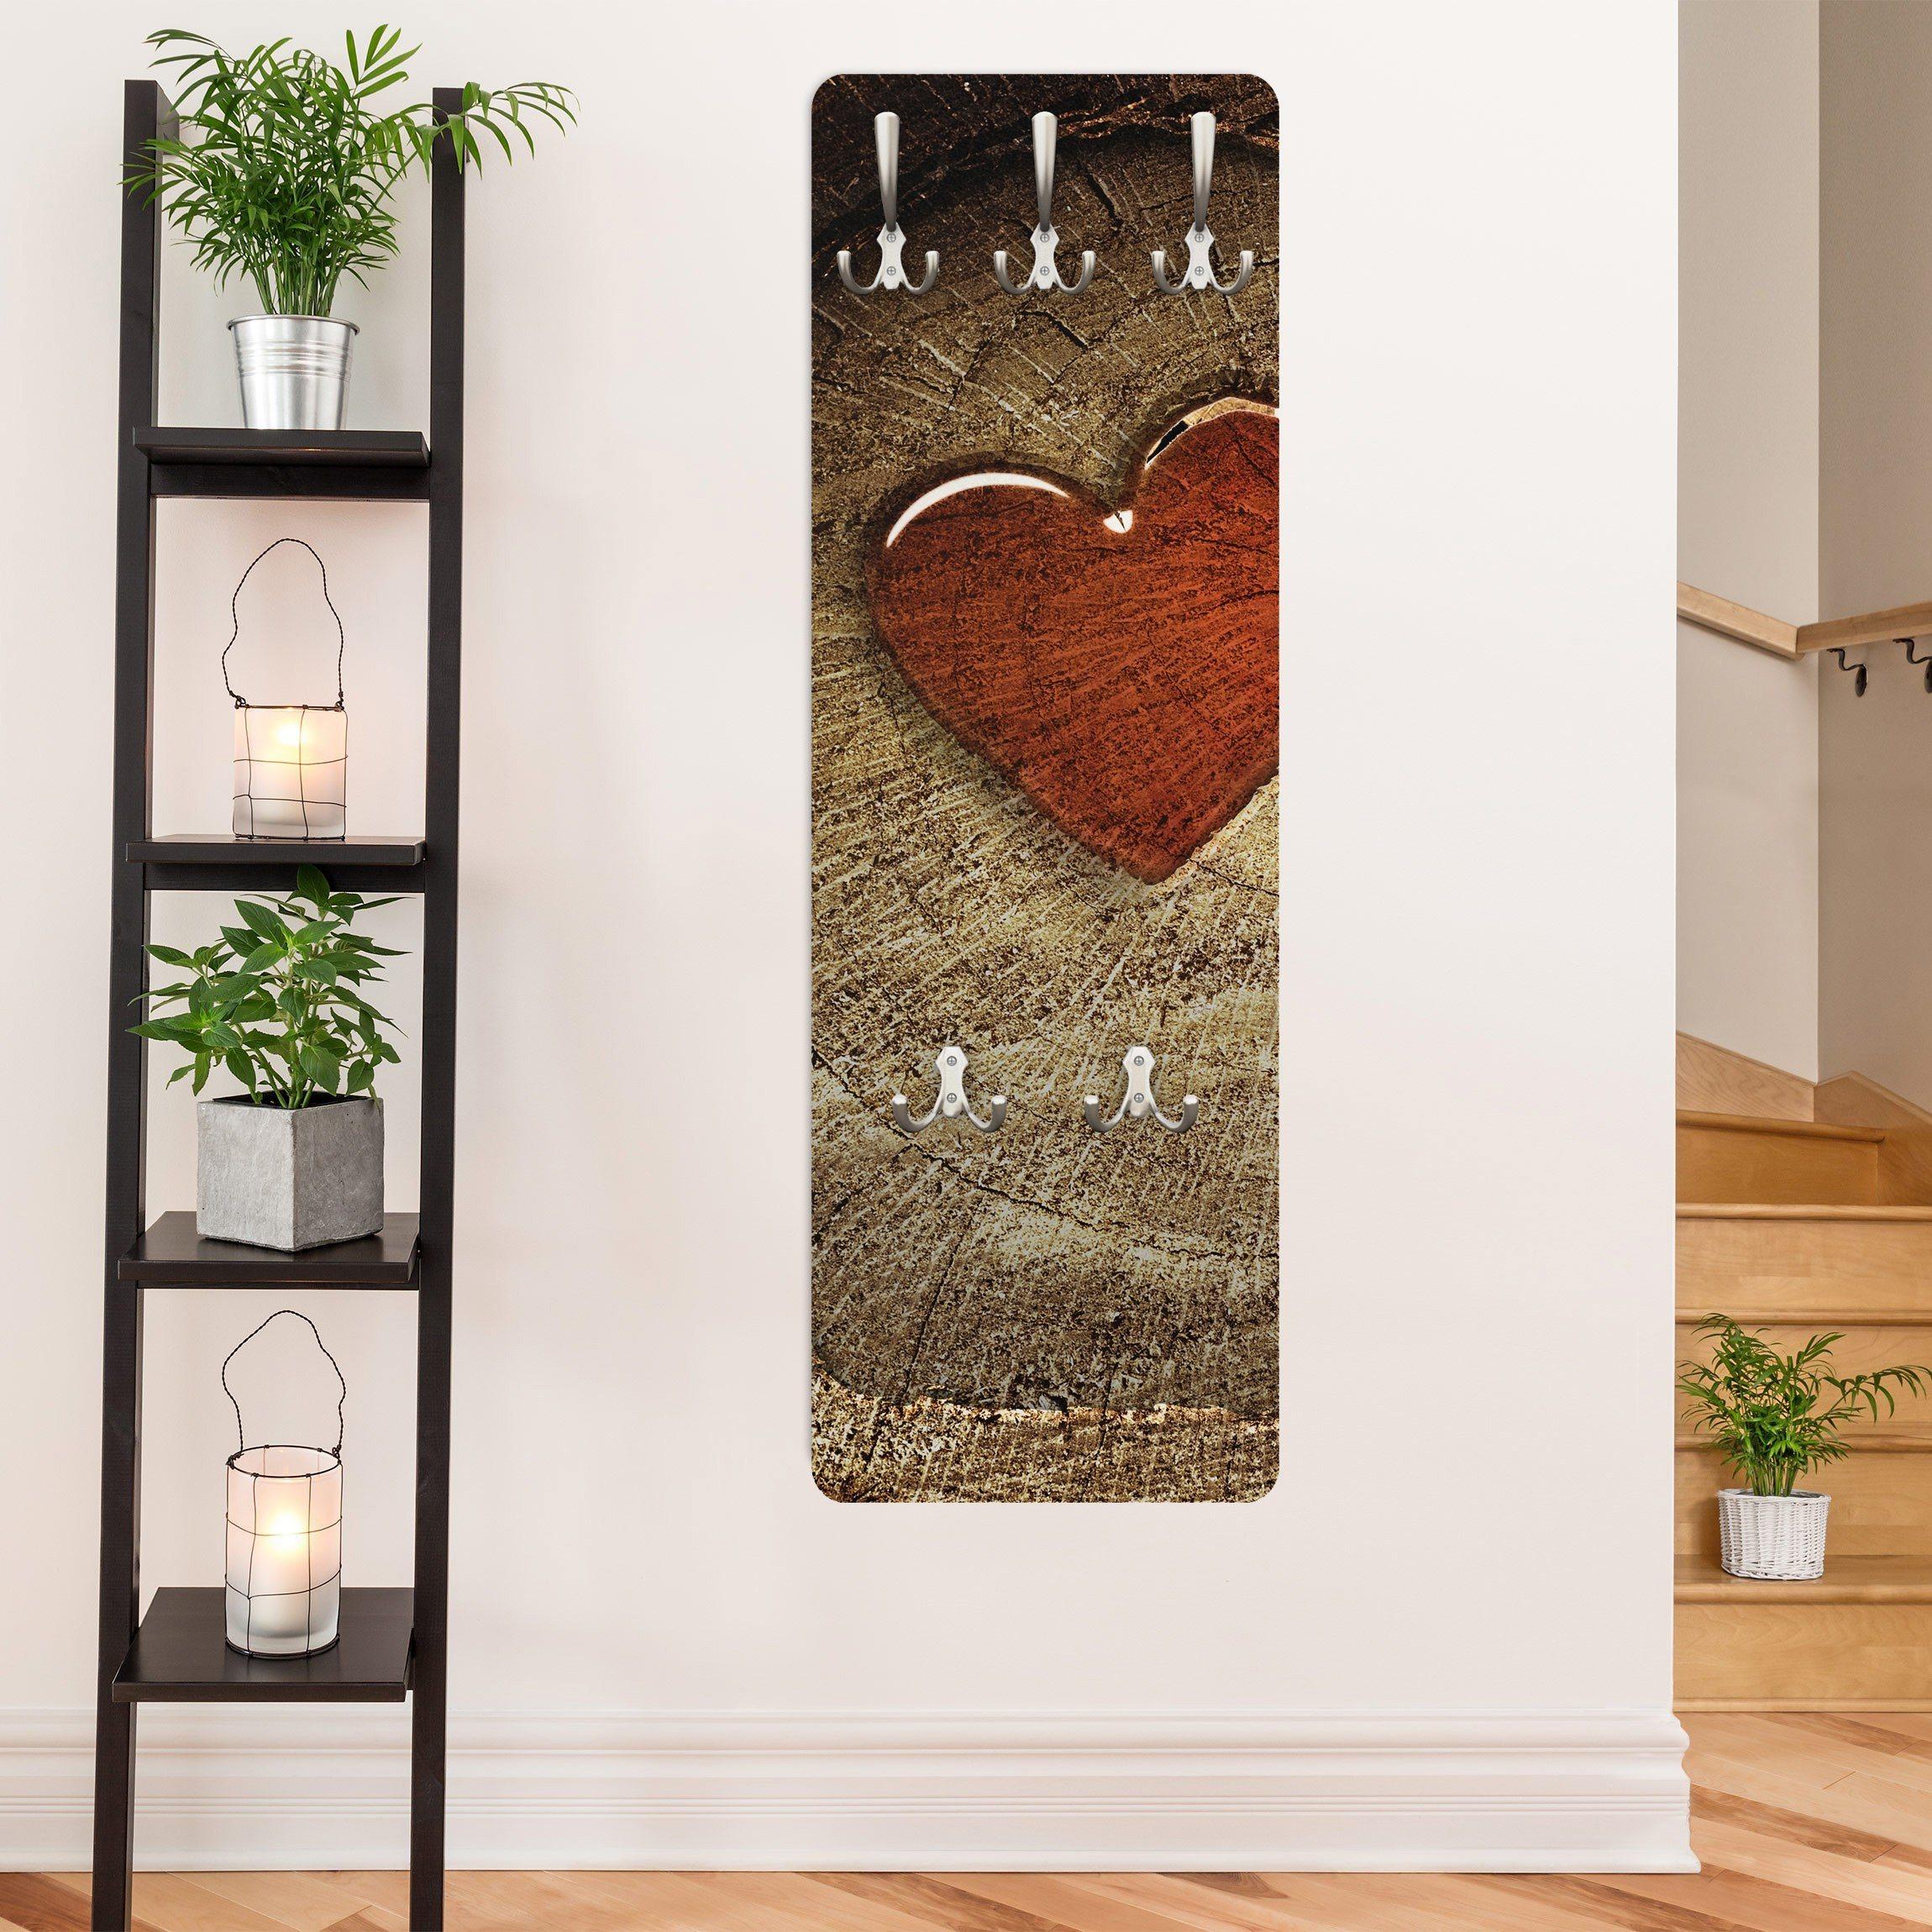 Bilderwelten Wandgarderobe 139x46x2cm »Holzoptik Natural Love« | Flur & Diele > Garderoben > Garderobenhaken | Weiß - Matt | Holz - Faserplatte - Metall | Bilderwelten